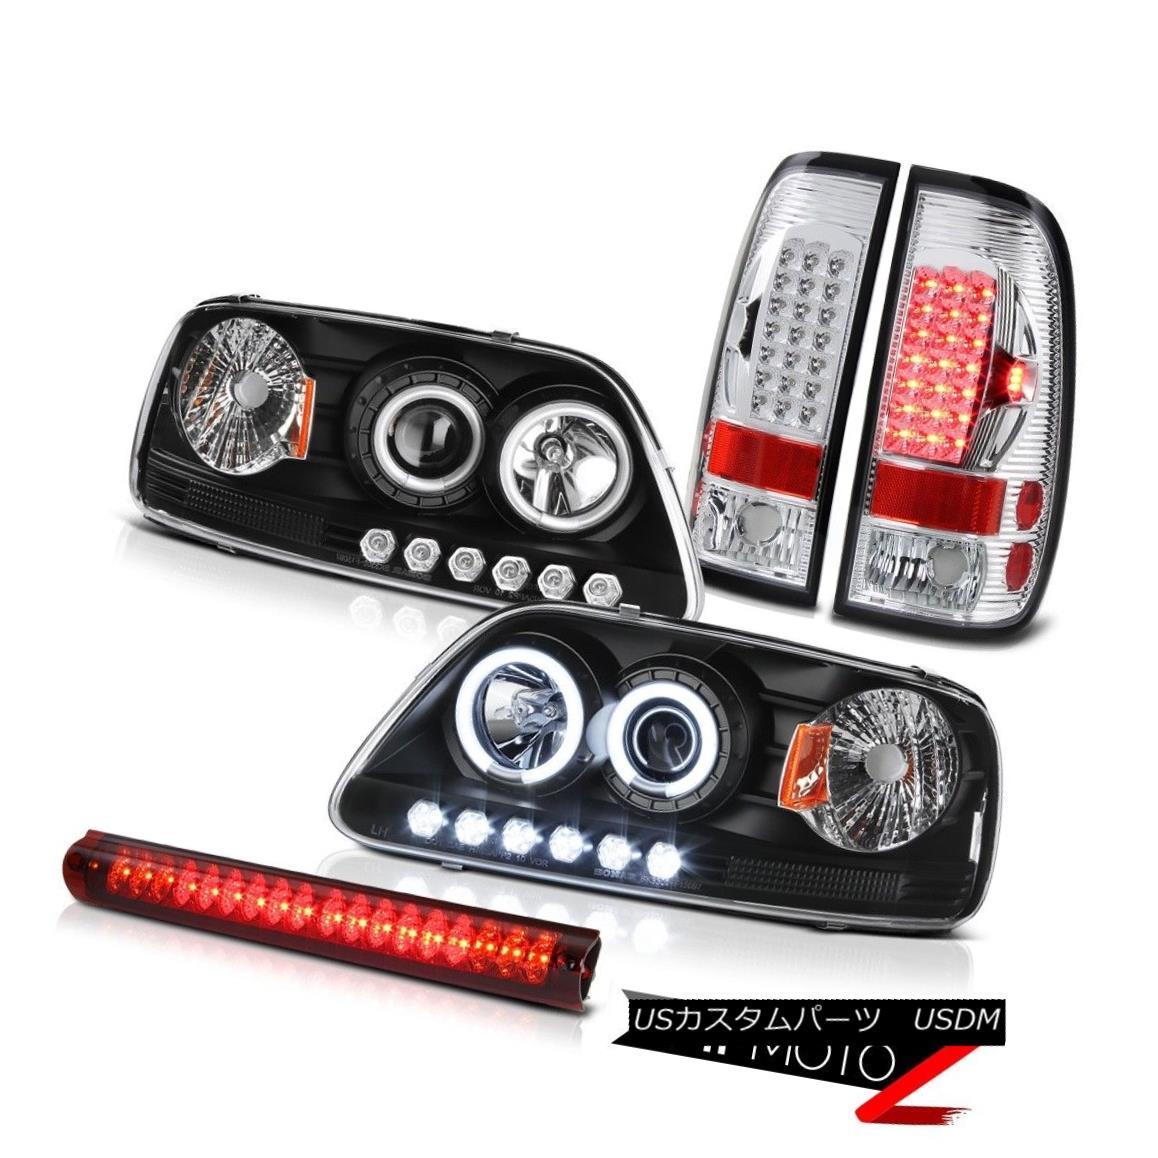 テールライト 01 02 03 F150 CCFL Halo Black Headlights Clear LED Tail Lights Brake Cargo Lamps 01 02 03 F150 CCFLハローブラックヘッドライトクリアLEDテールライトブレーキカーゴランプ